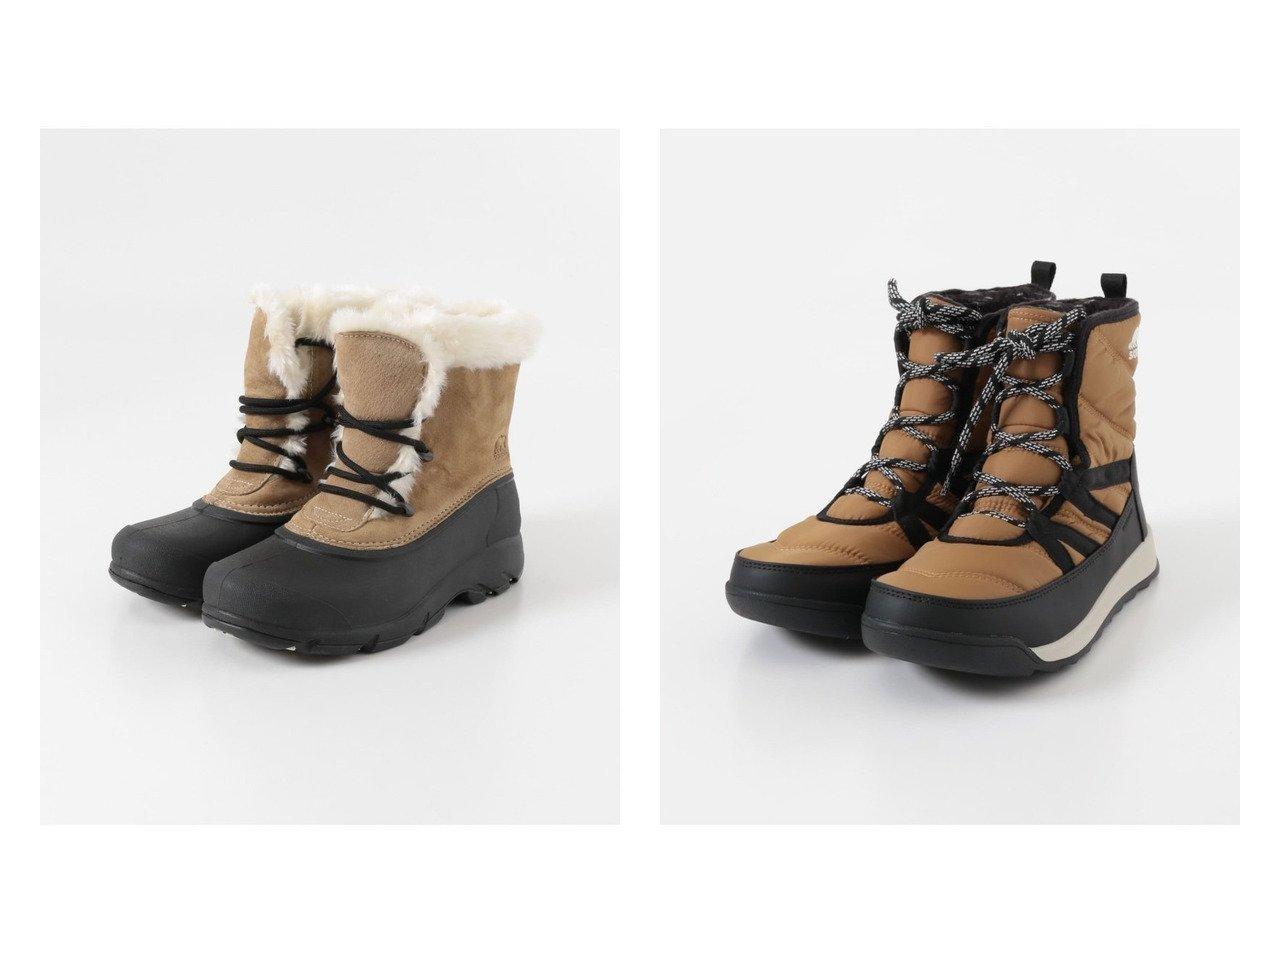 【URBAN RESEARCH DOORS/アーバンリサーチ ドアーズ】のSOREL WHITNEY ll SHORT LACE&SOREL SNOW ANGEL LACE シューズ・靴のおすすめ!人気、トレンド・レディースファッションの通販 おすすめで人気の流行・トレンド、ファッションの通販商品 メンズファッション・キッズファッション・インテリア・家具・レディースファッション・服の通販 founy(ファニー) https://founy.com/ ファッション Fashion レディースファッション WOMEN キルティング シューズ ショート スエード スタンダード フィット フェルト ボトム ライニング ラバー |ID:crp329100000011804